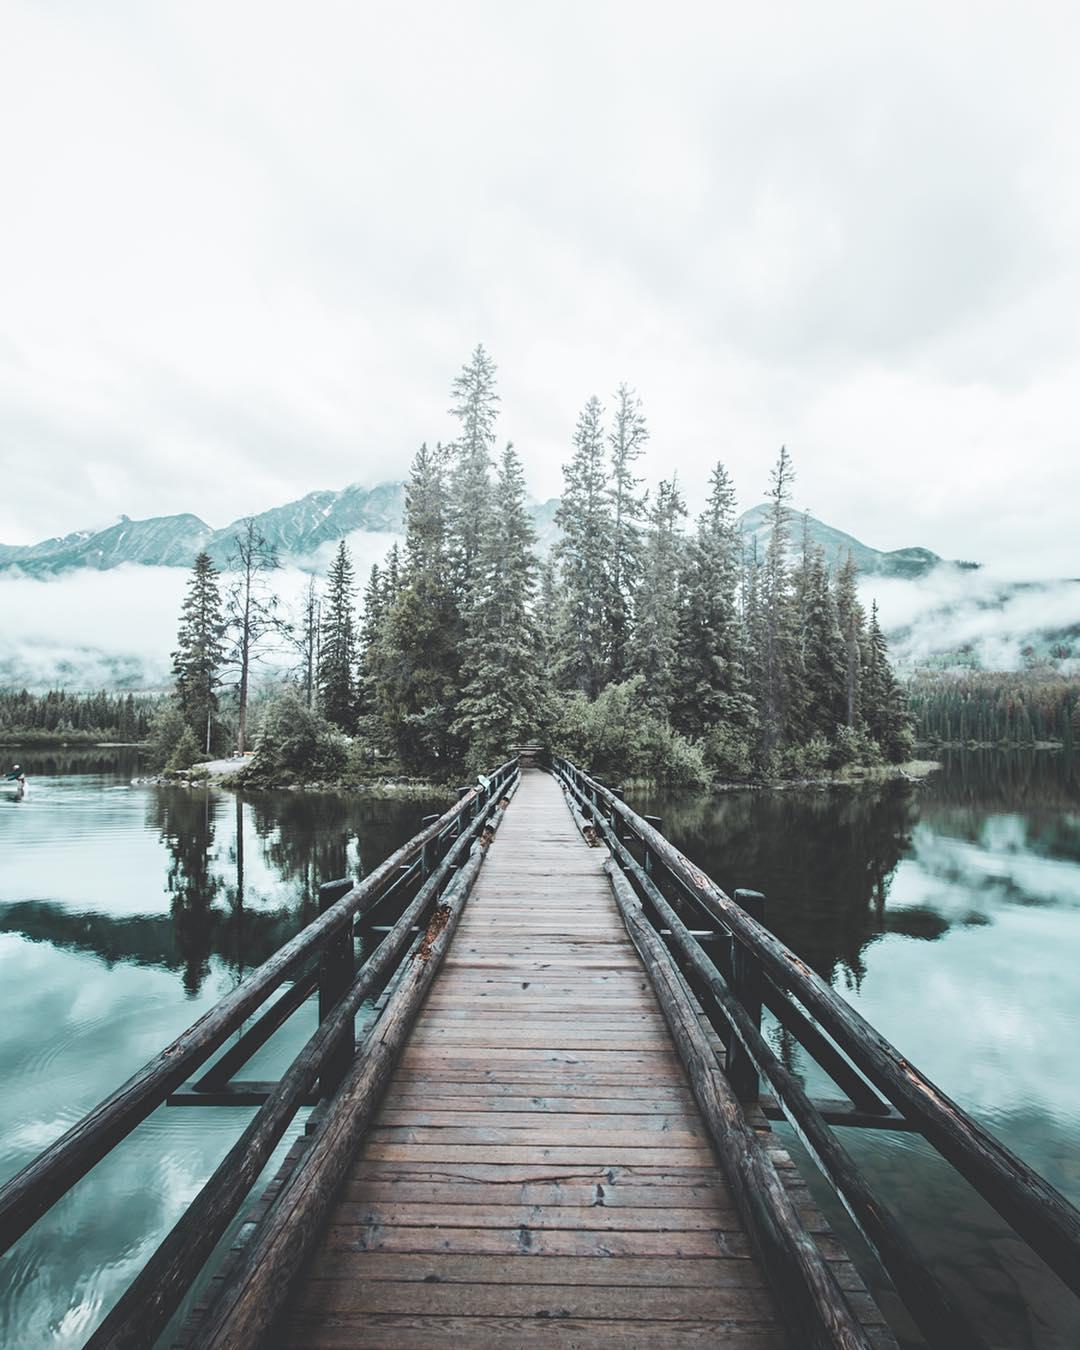 #Instatravel: Красивые пейзажные фотографии Joe Altwies